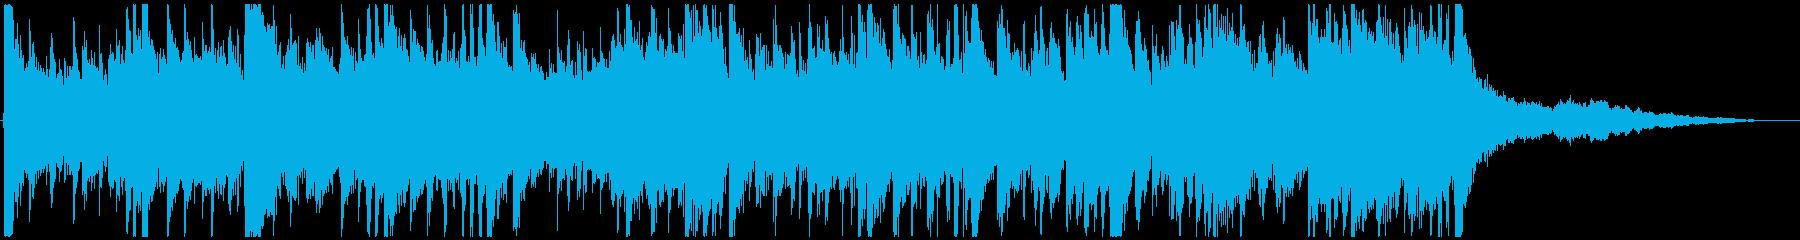 プロギタリストの巧みなアドリブの再生済みの波形